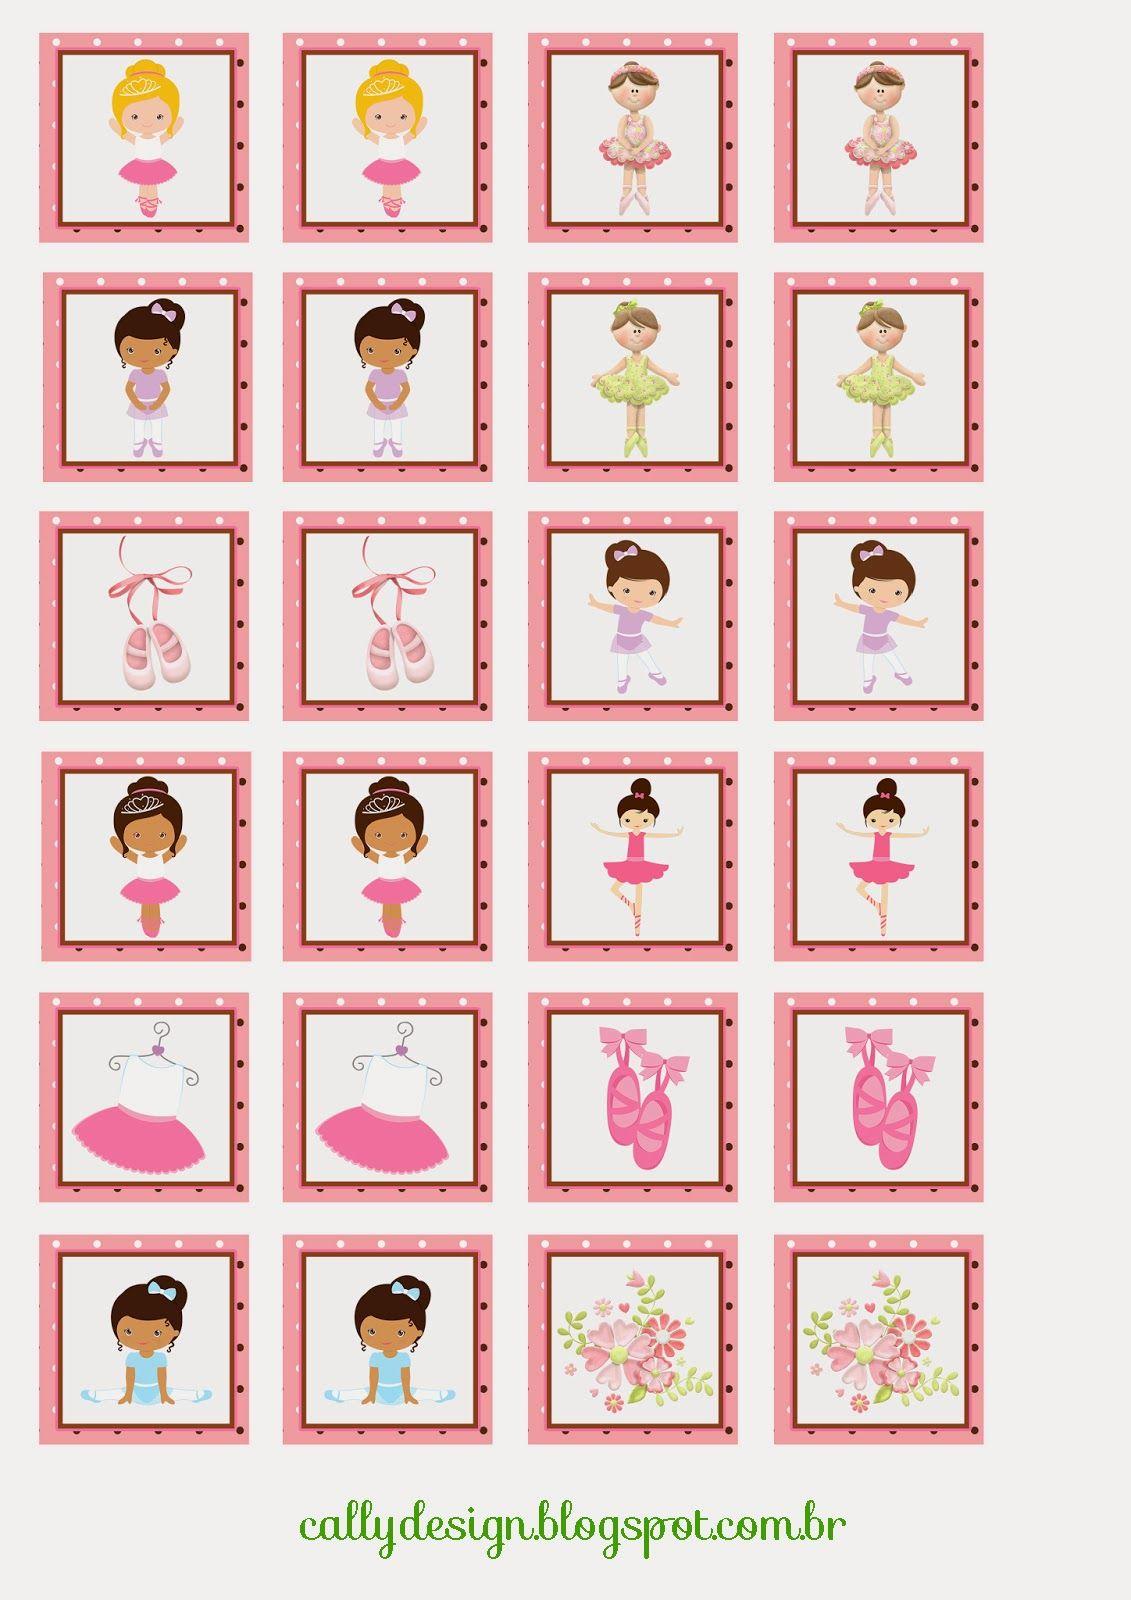 Quebra Cabeca E Jogo Da Memoria Personalizados Para Imprimir Cally S Design Kits Personalizados Gratuitos Bale Para Criancas Danca Para Criancas Jogos